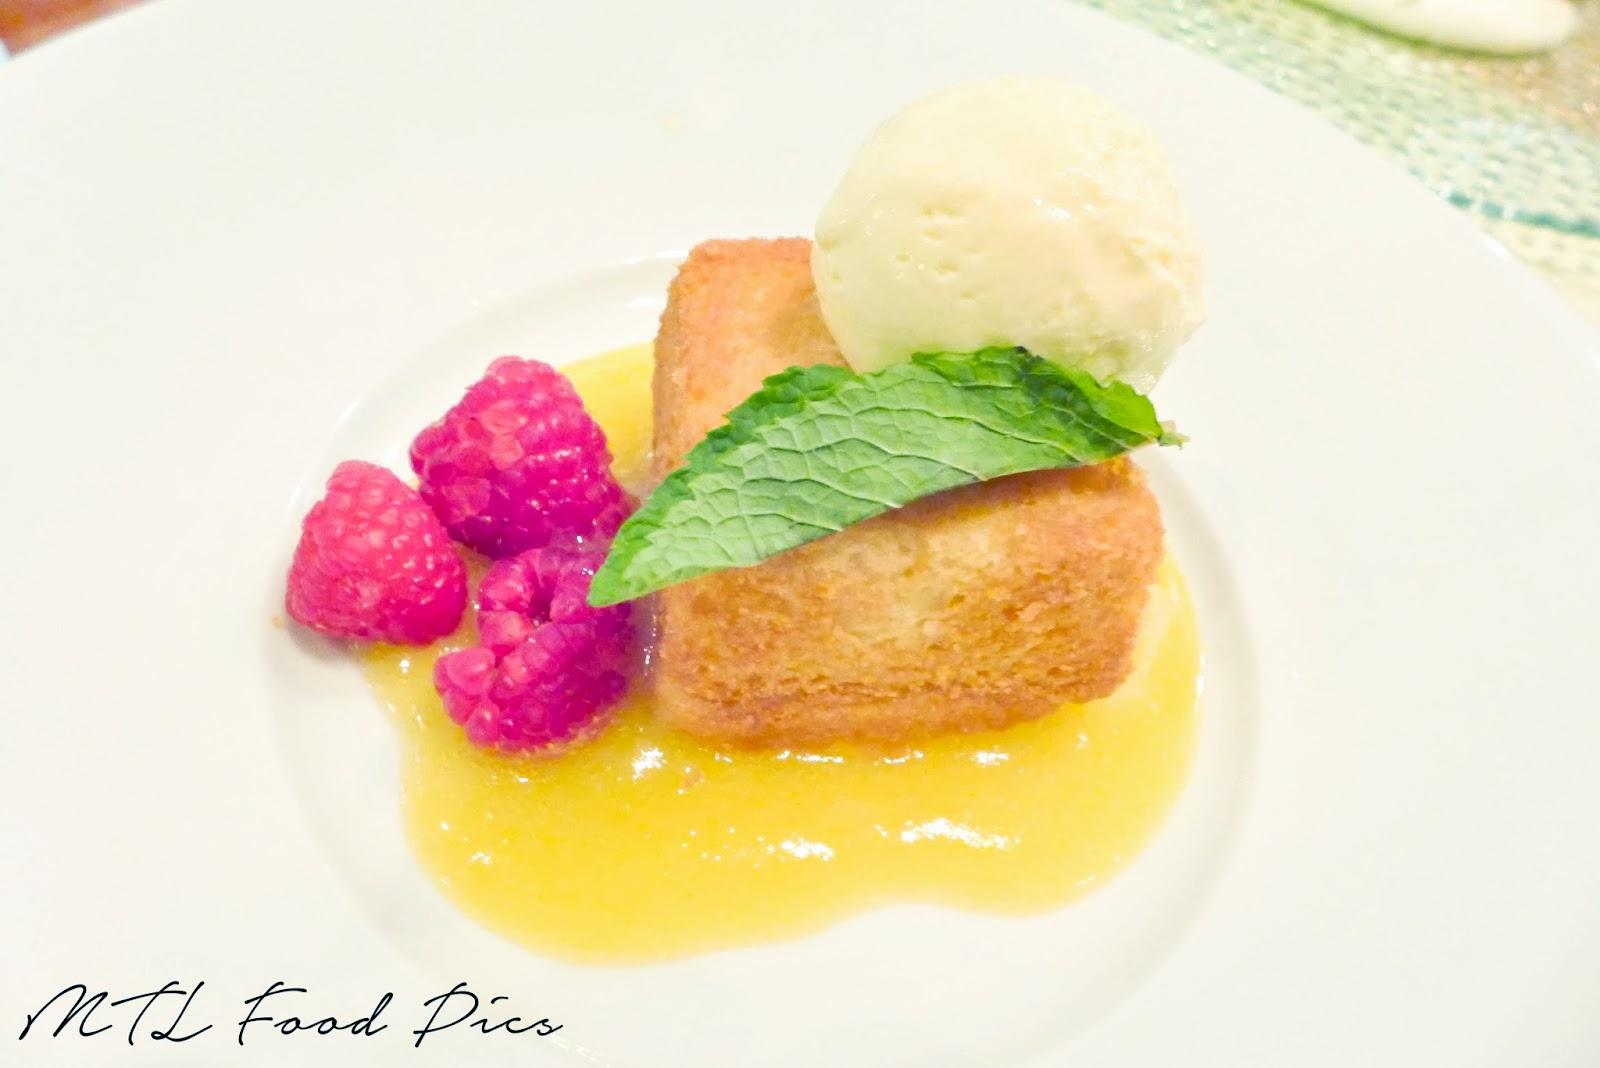 Tres Leche Ice Cream, Dulce de Leche Cake - Lavanderia Montreal